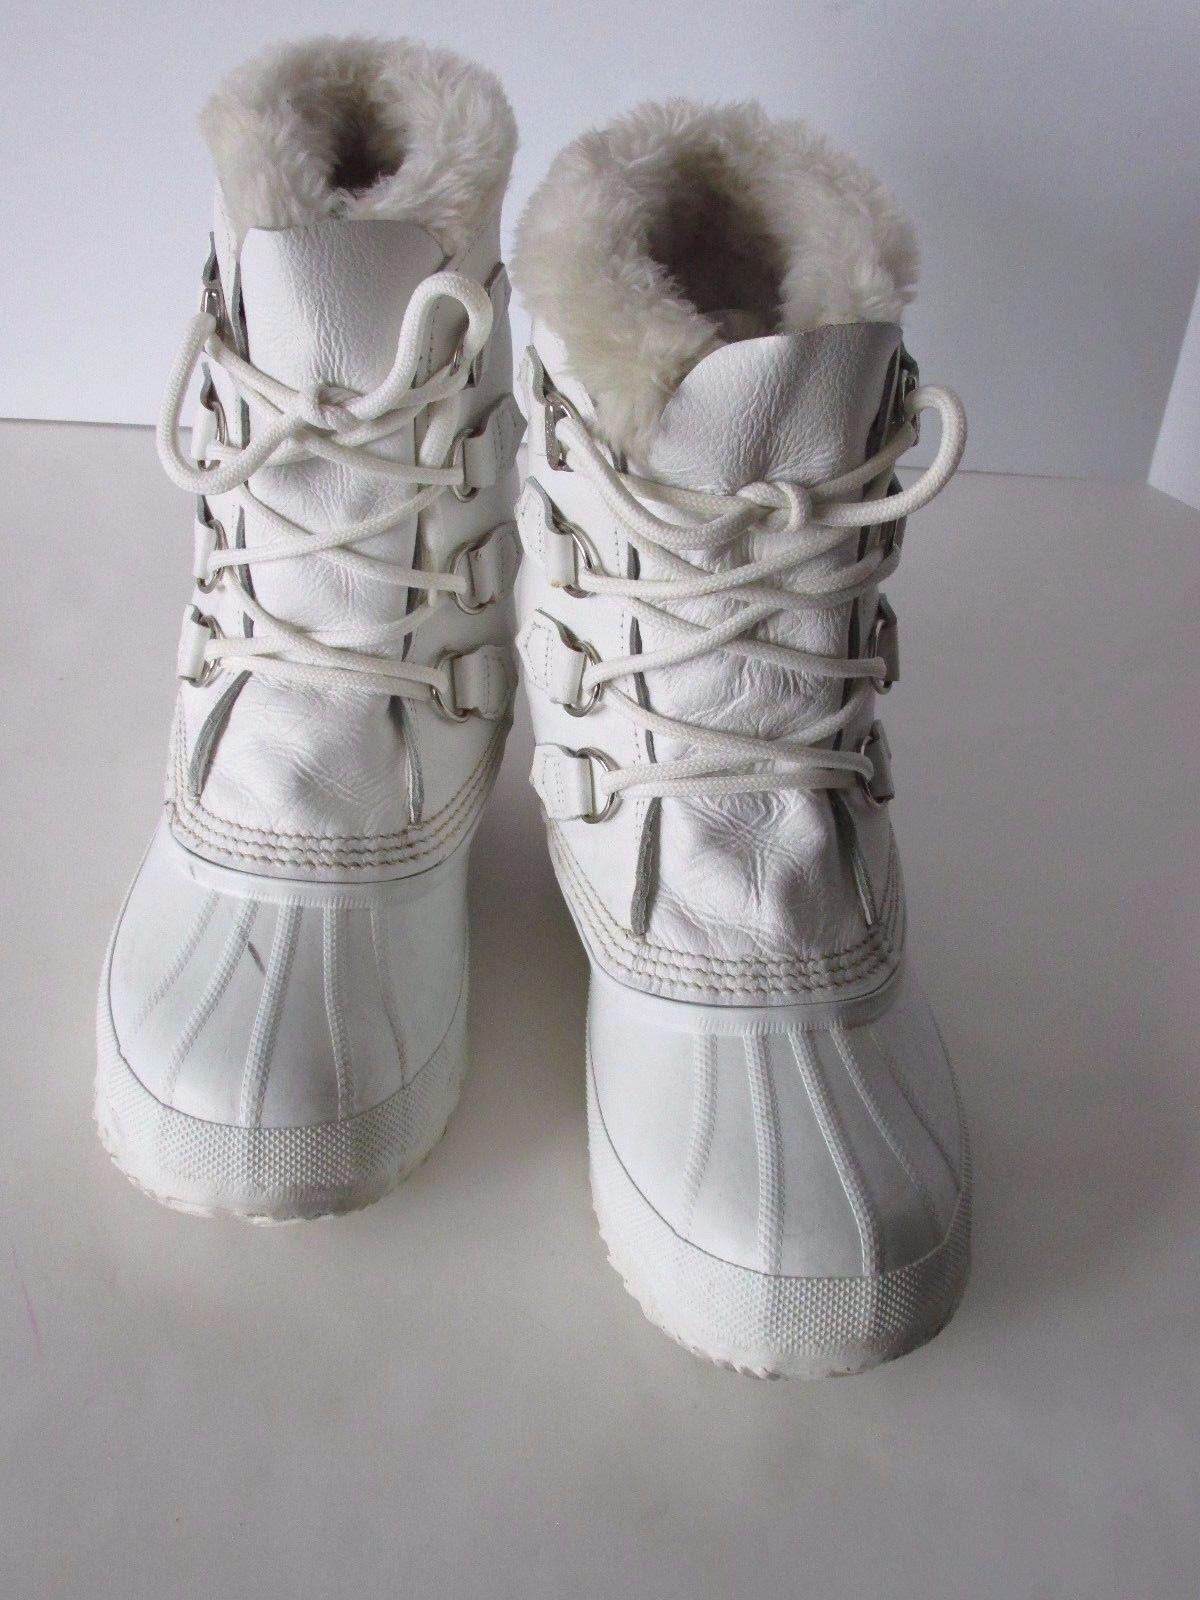 negozio di vendita outlet Sorel bianca Leather Removable Felt Lined Waterproof Snow Snow Snow Winter avvio Donna  9M  negozio di moda in vendita